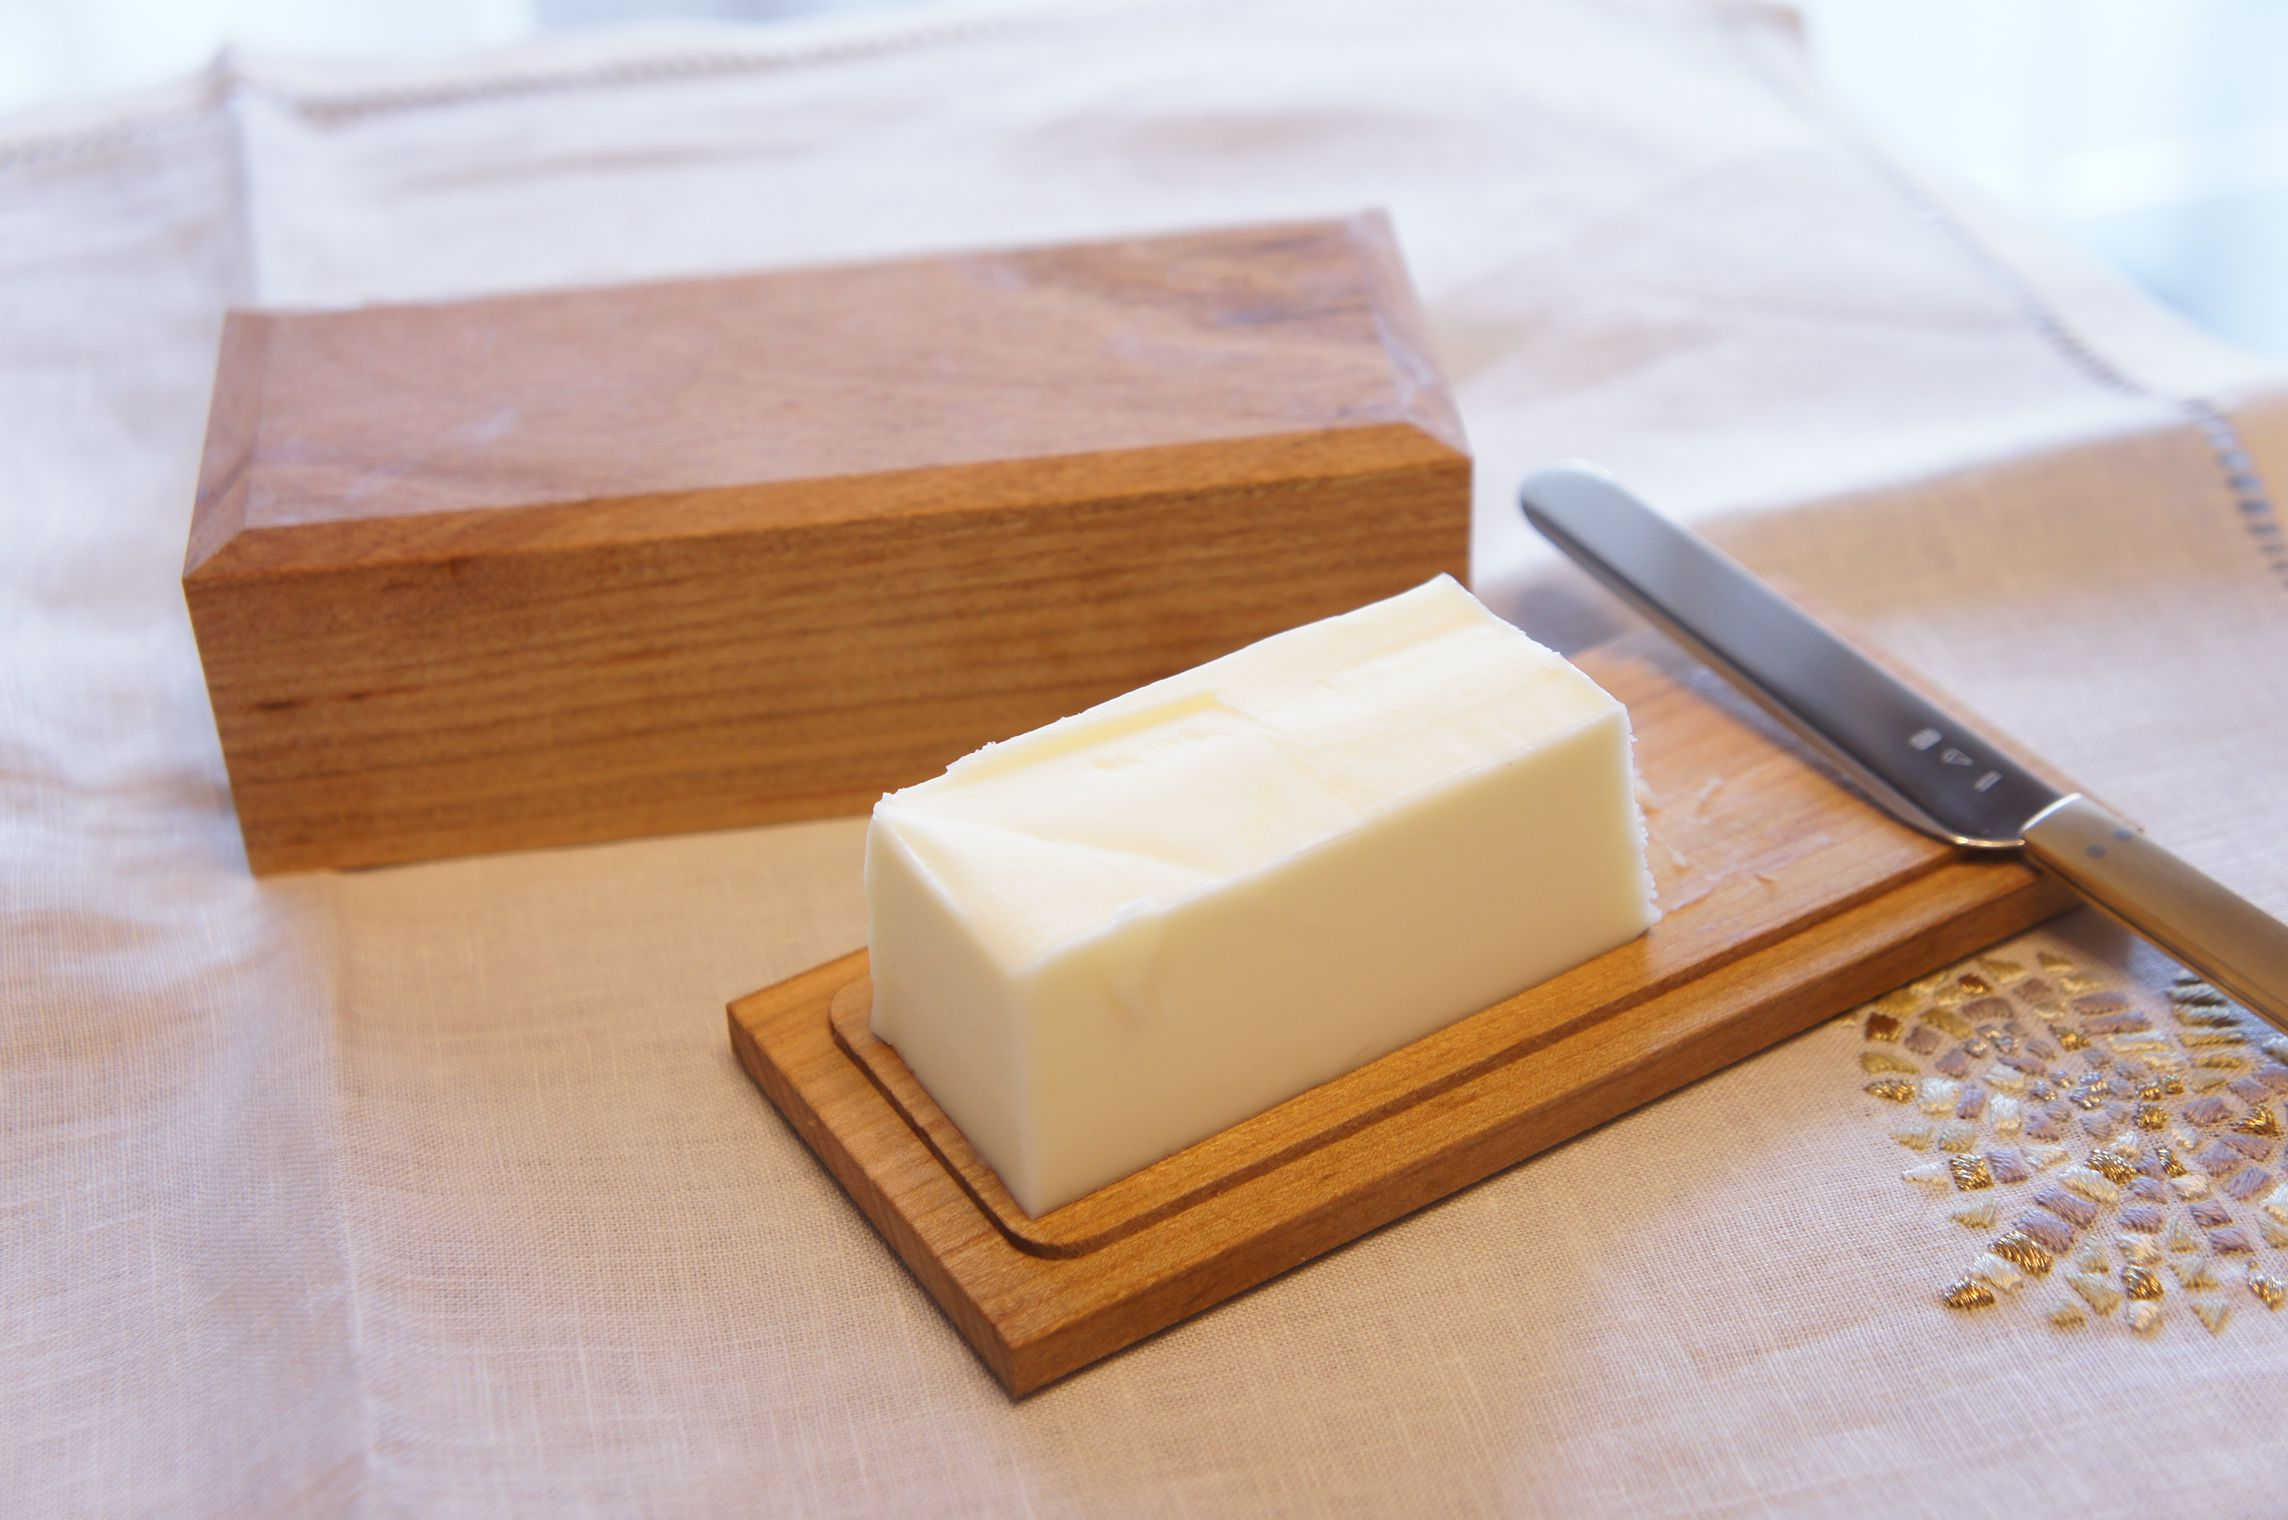 おうちで簡単に作っちゃおう!手作りバターのレシピとアレンジ方法!のサムネイル画像